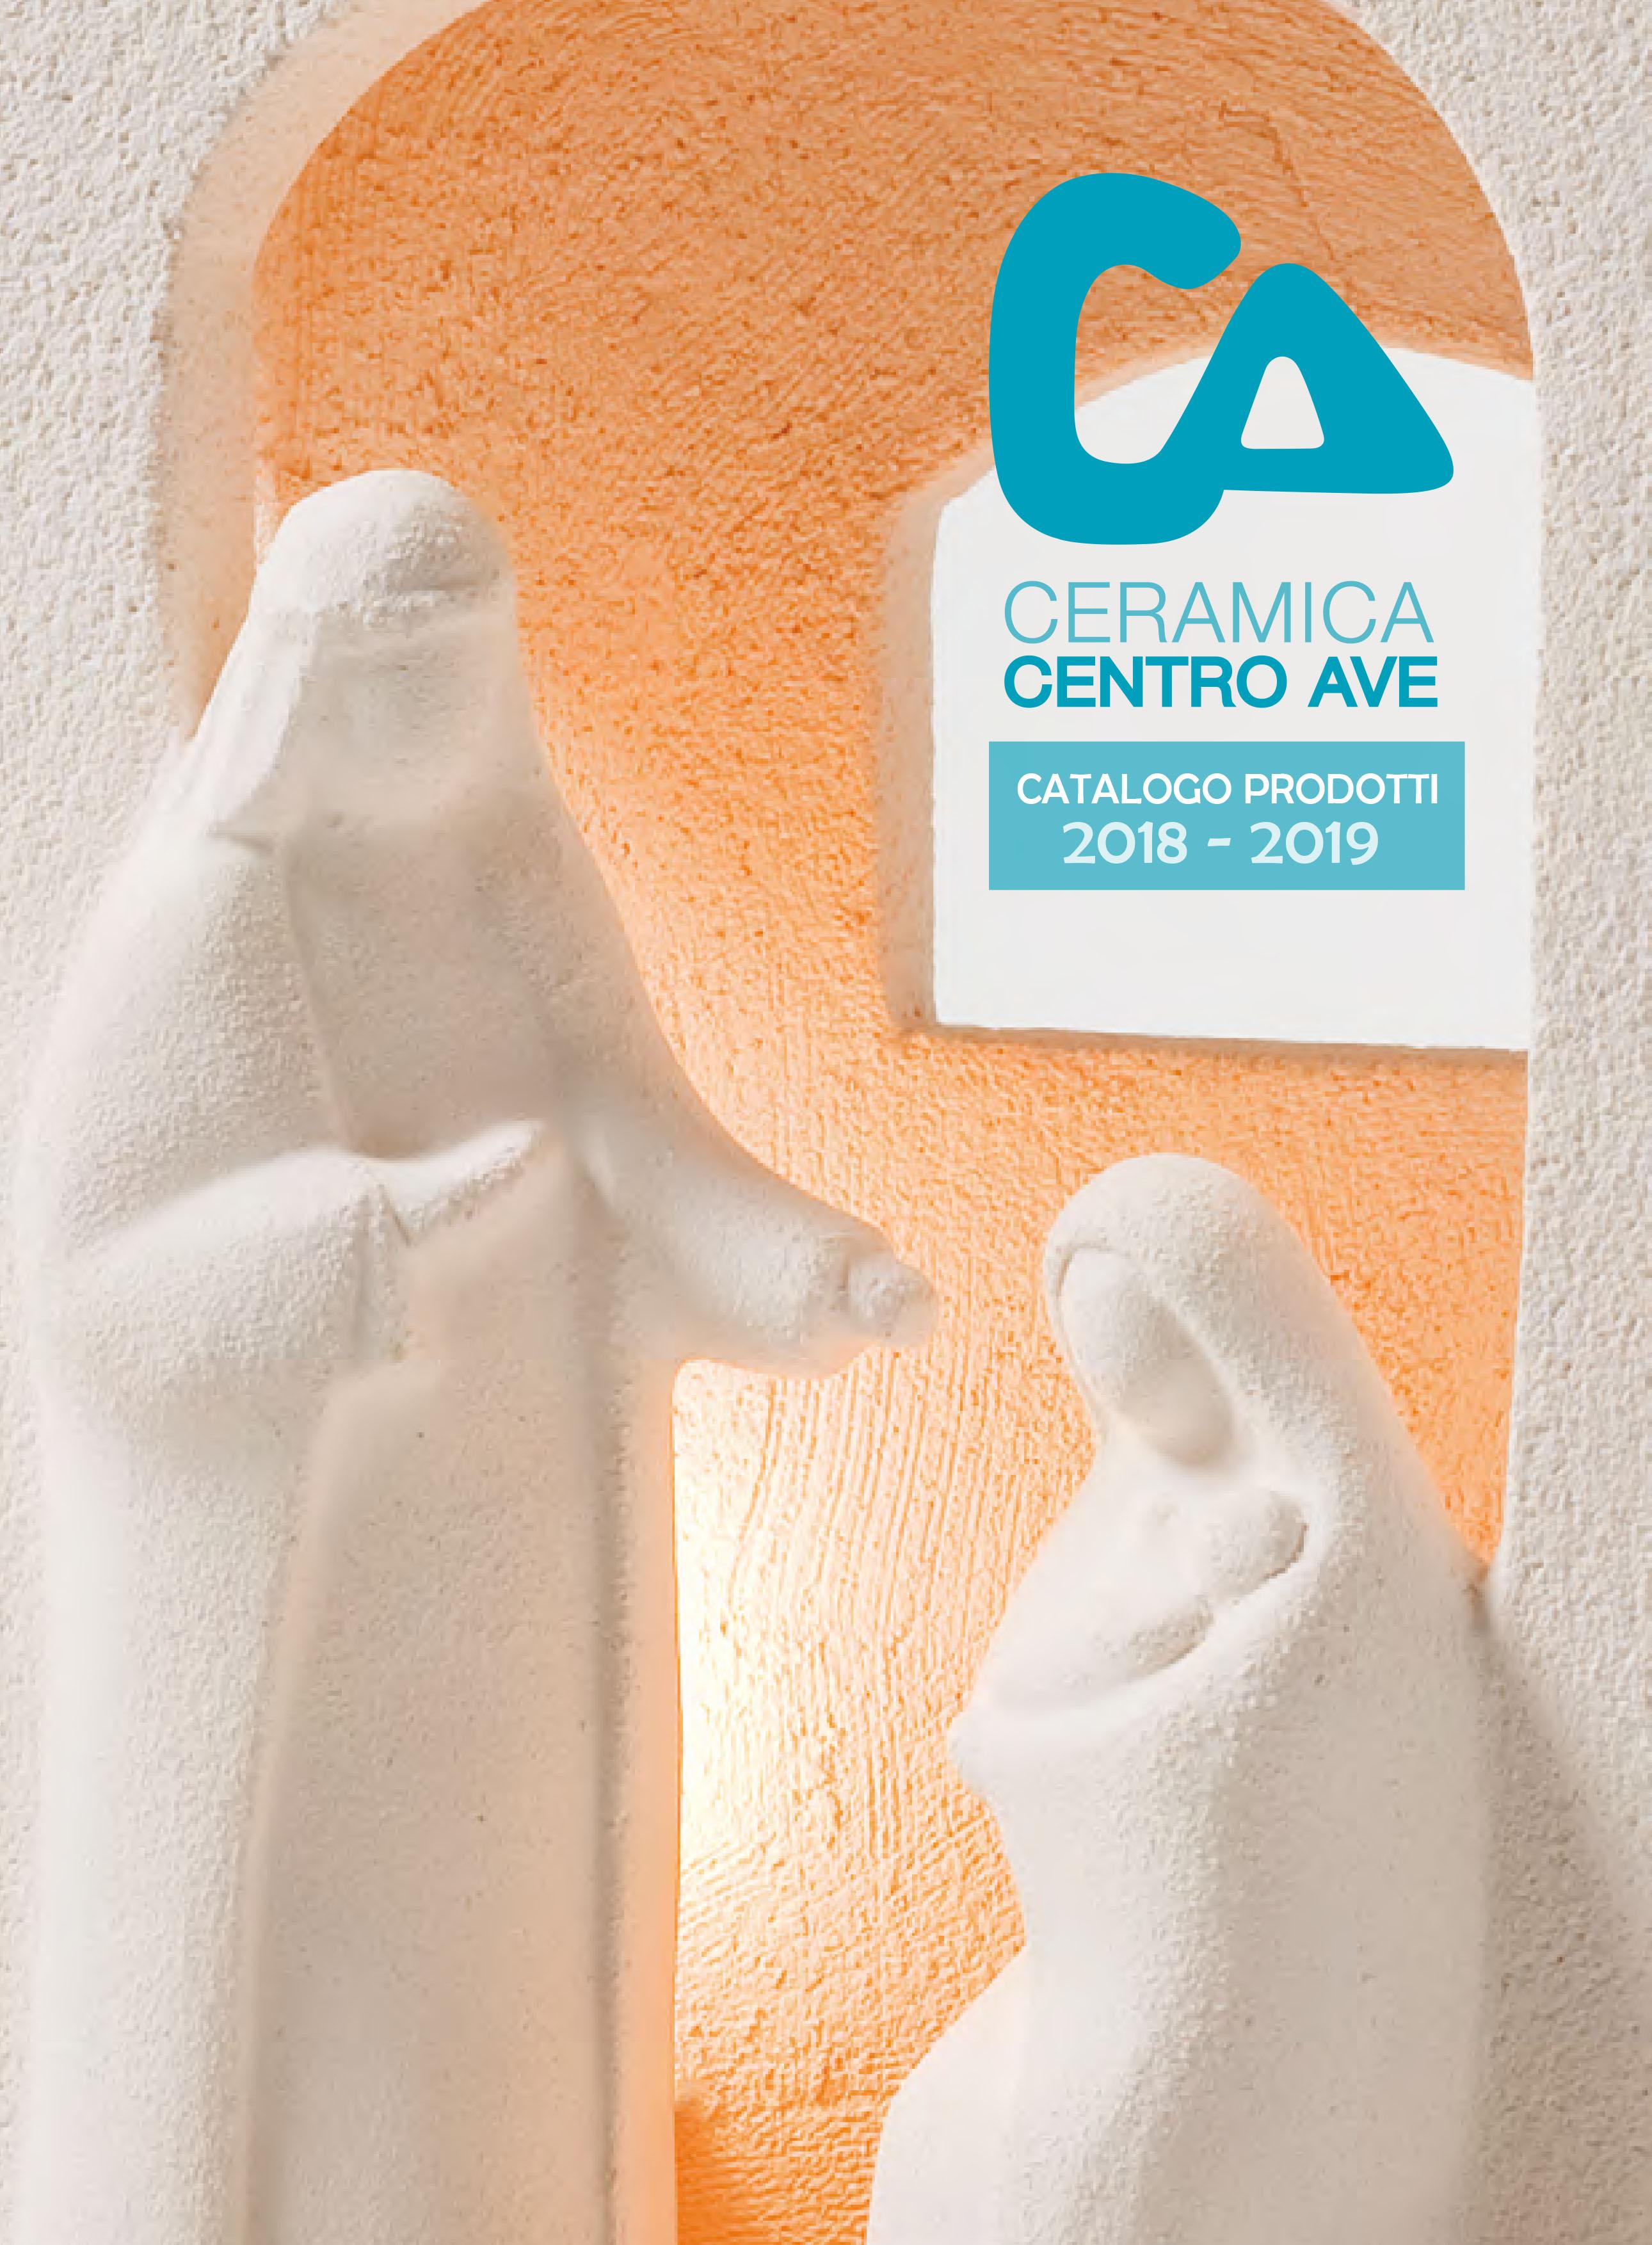 CATALOGO CENTRO AVE-1